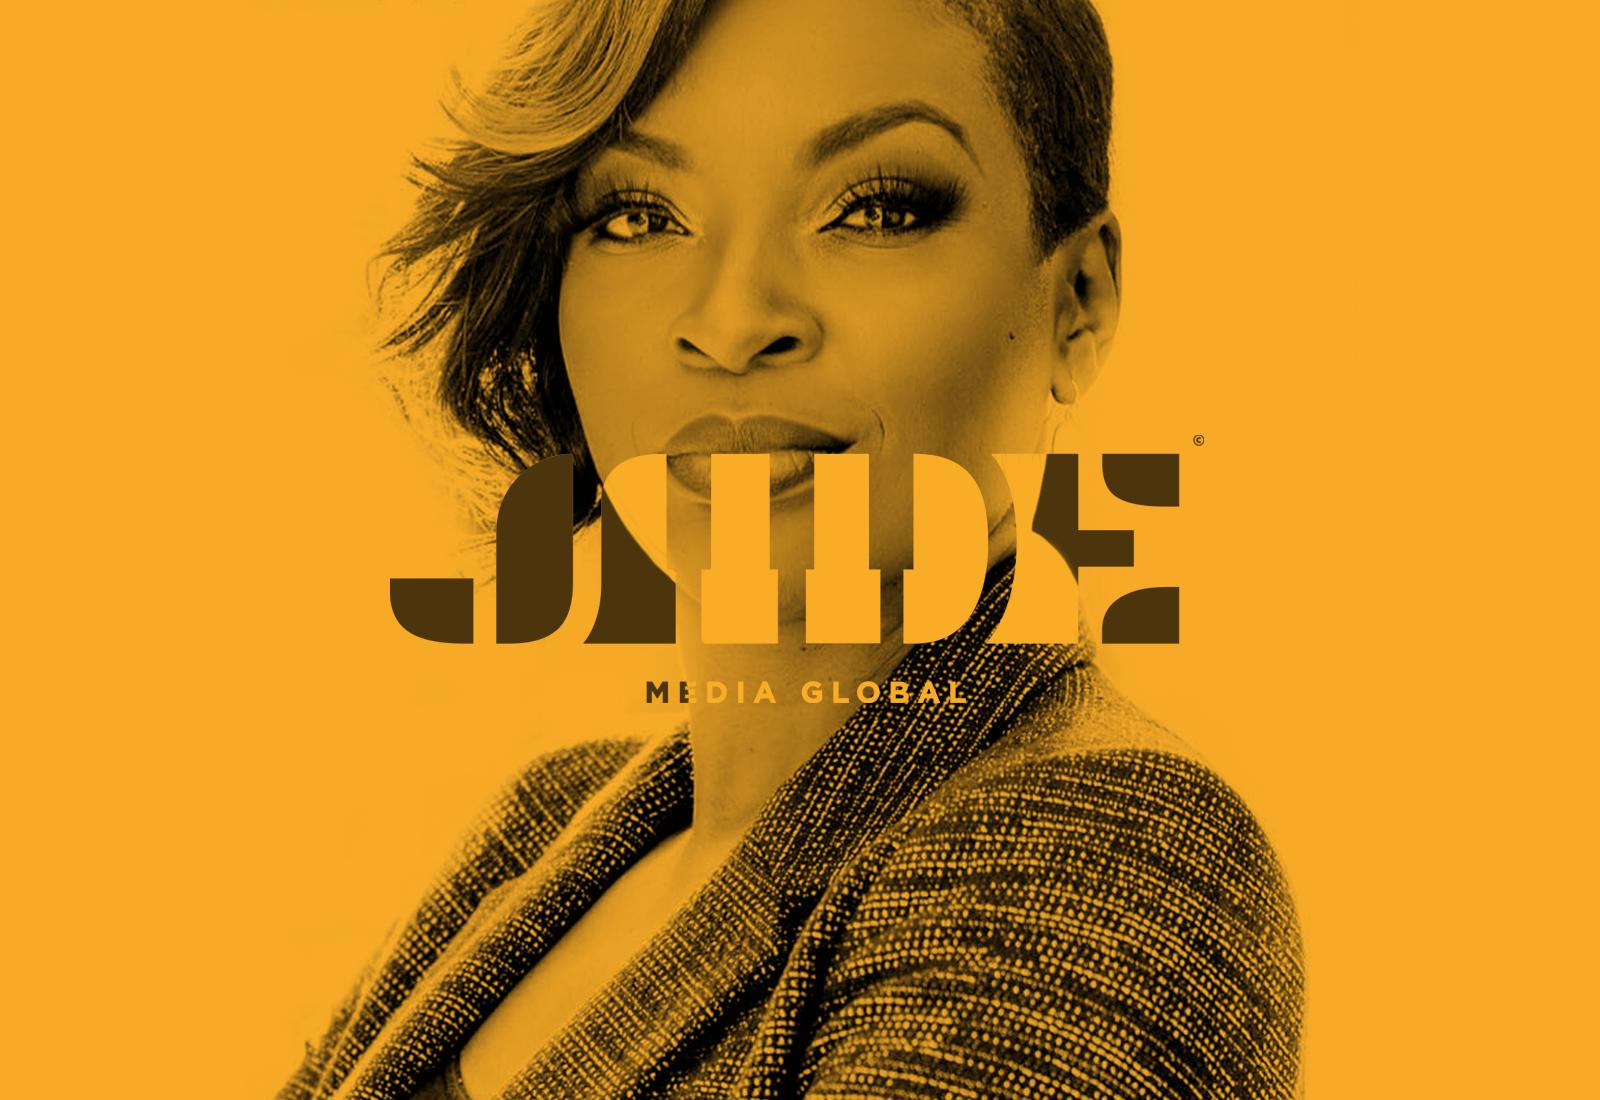 Jade Simmons Offical Logo and Rebranding Custom Design